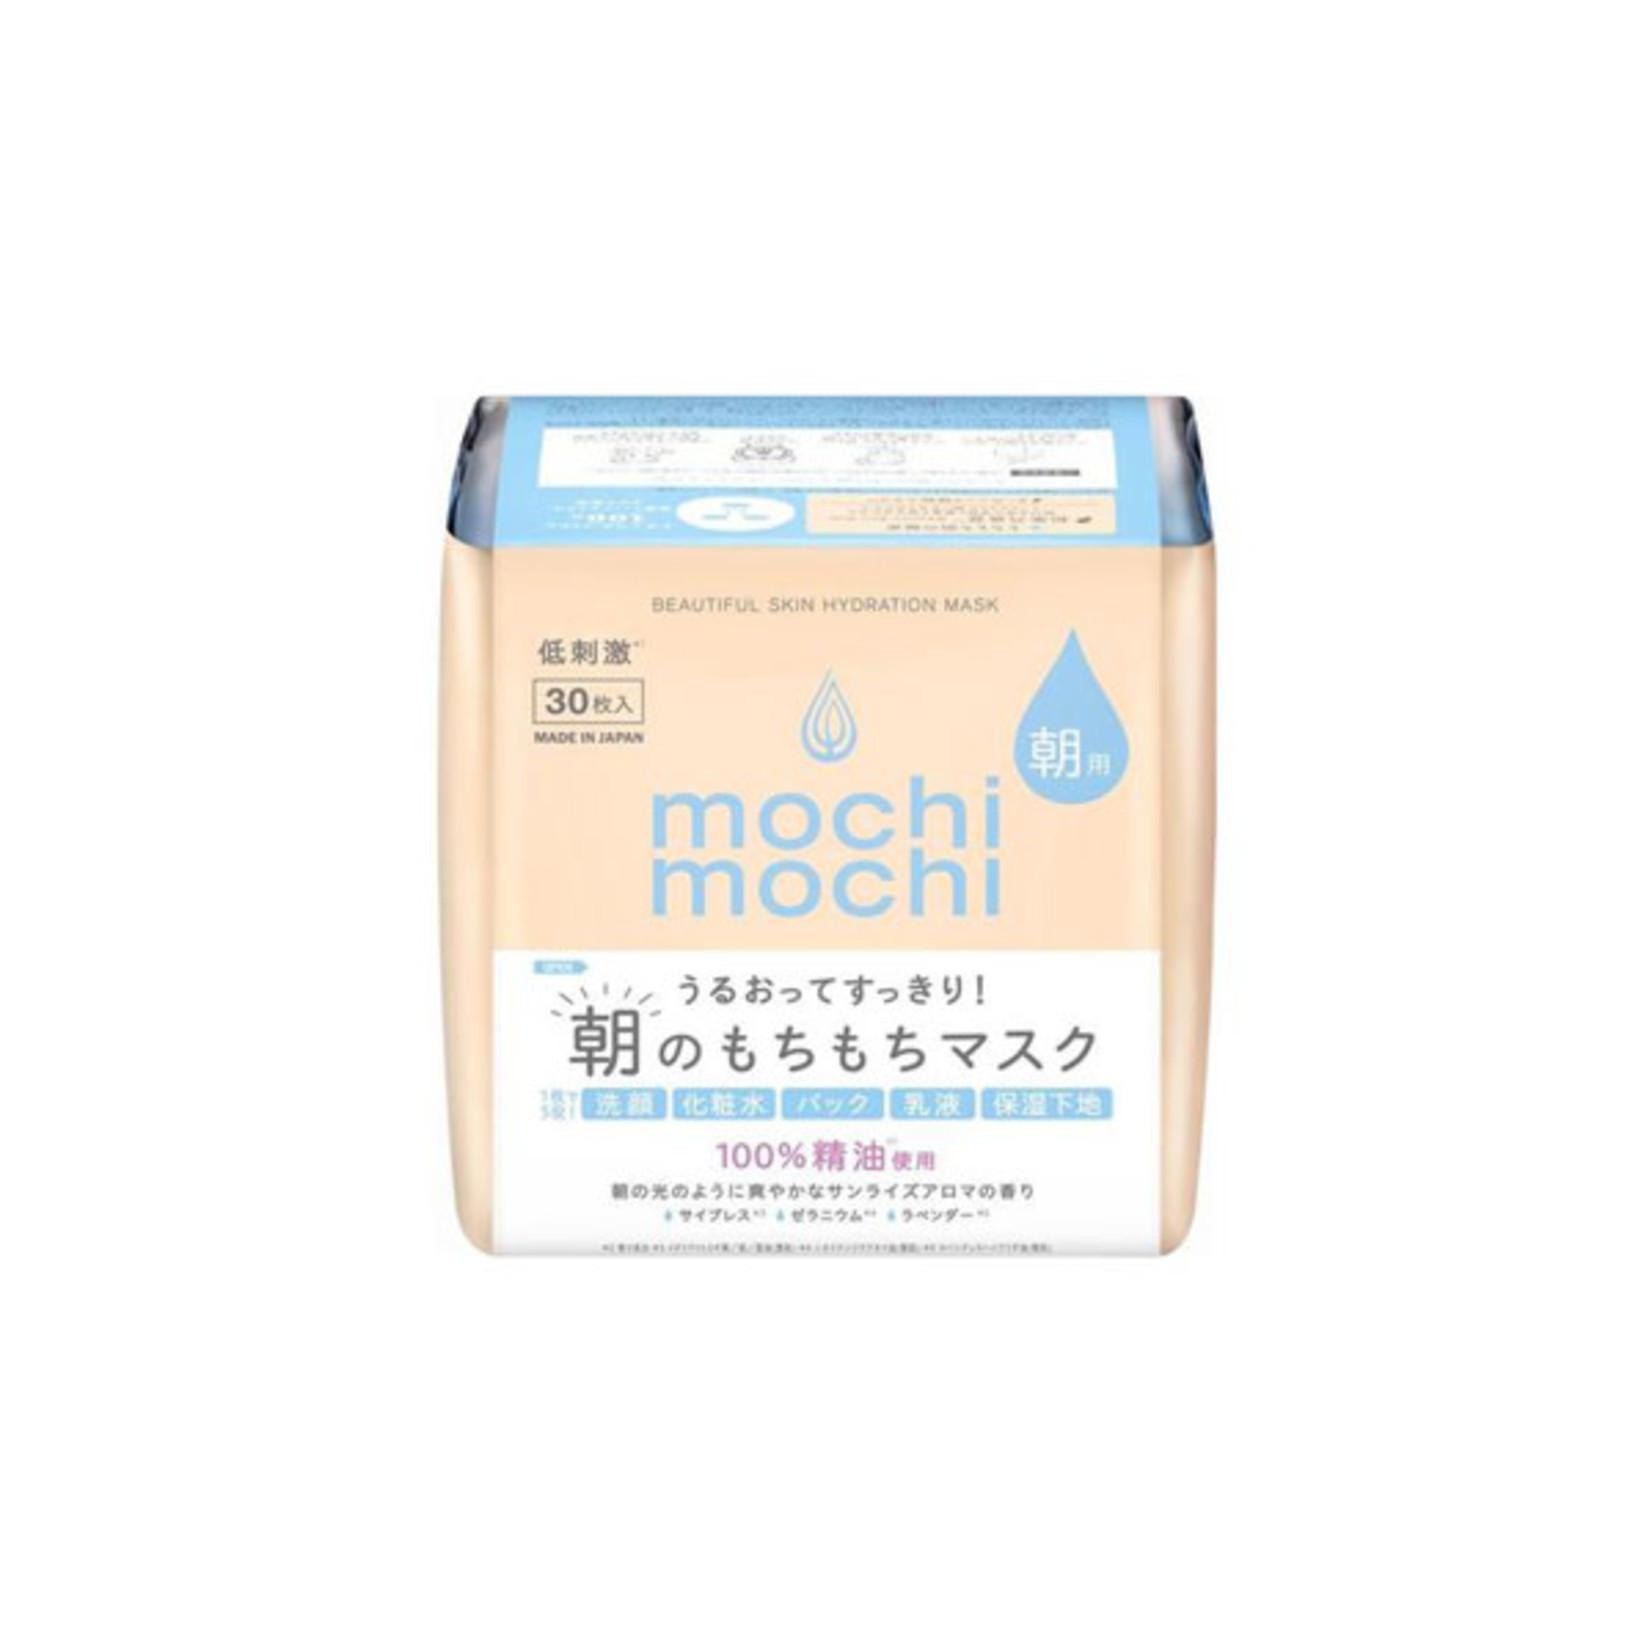 Mochi Sheet Masks 30 sheets